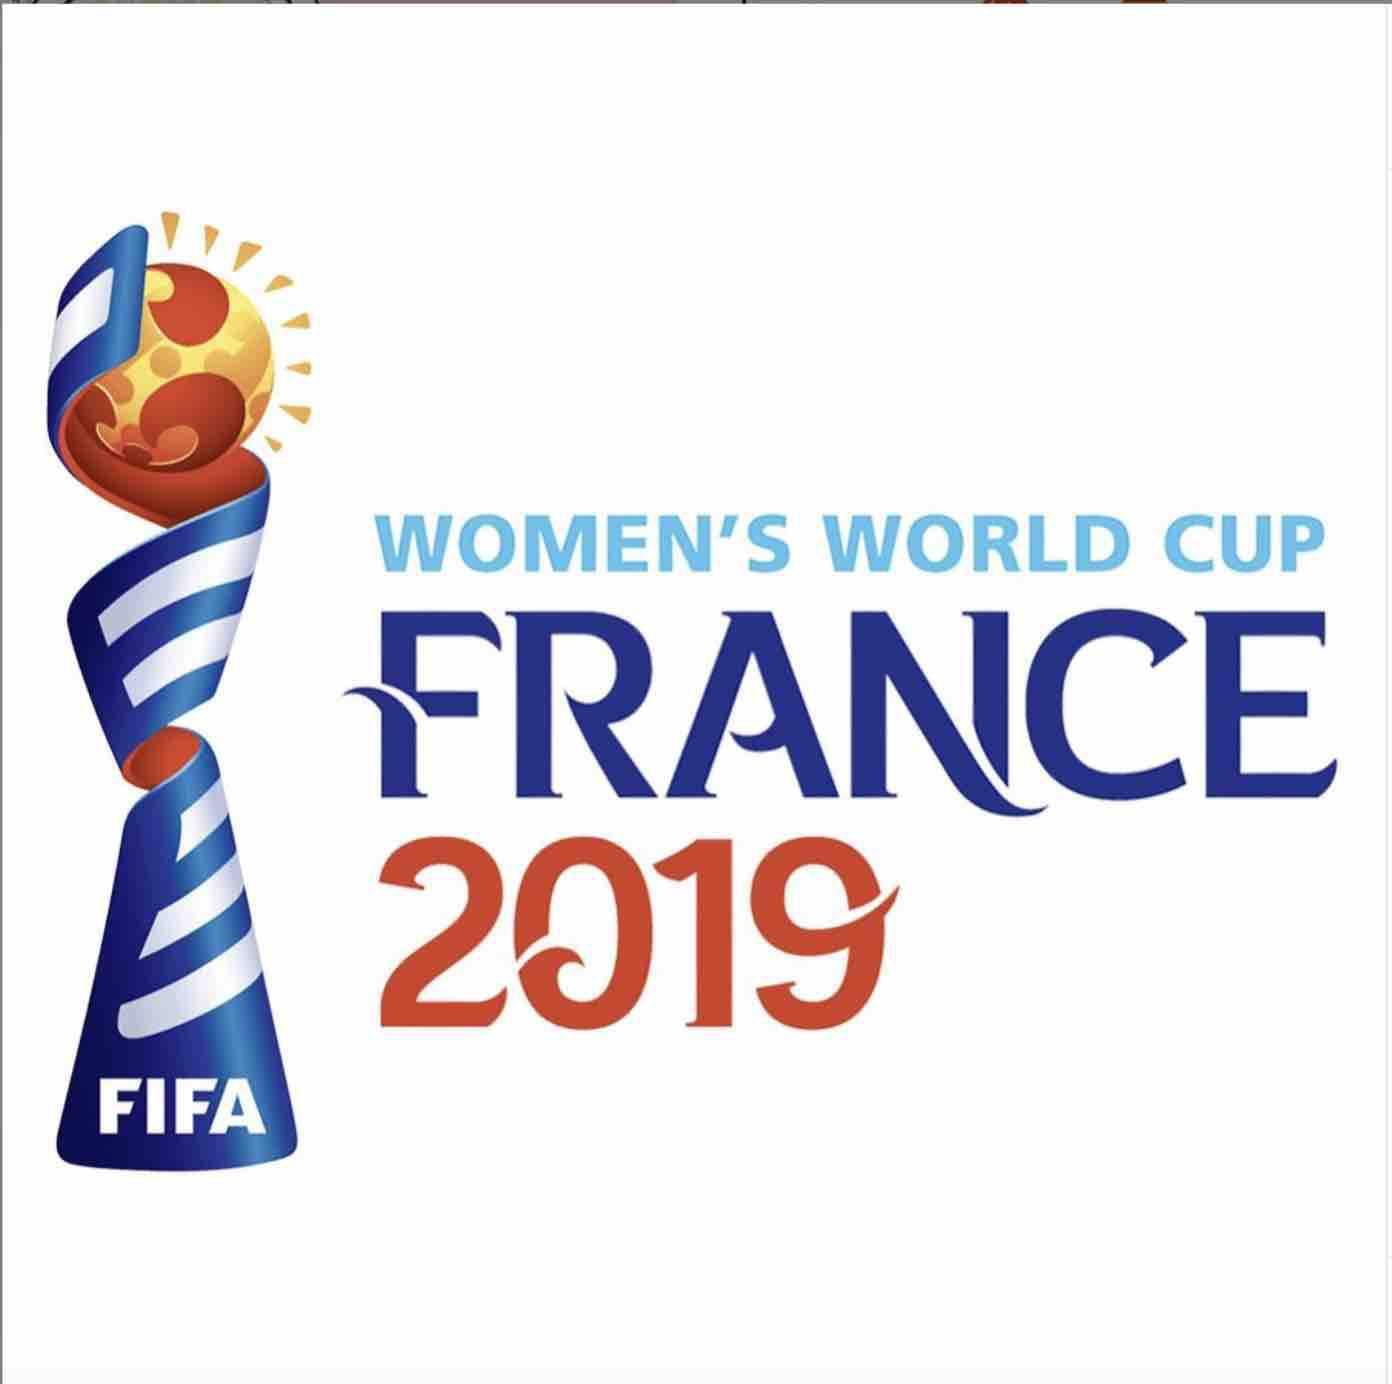 Coppa del mondo femminile calcio 2019: calendario, biglietti e dove ...